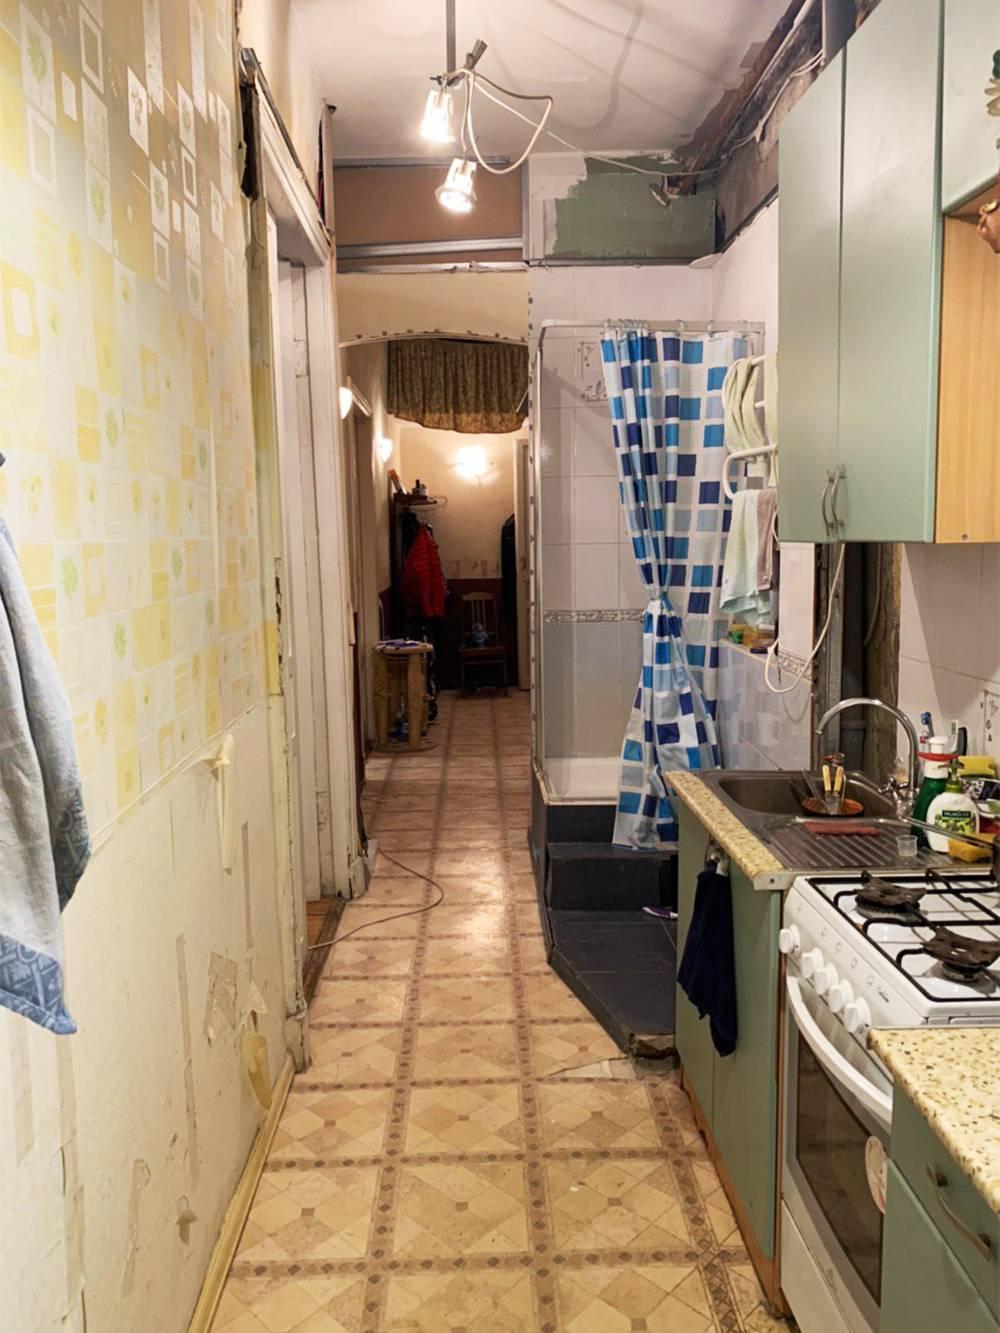 Кухня— в коридоре, душевая кабина— на кухне: классика старого фонда